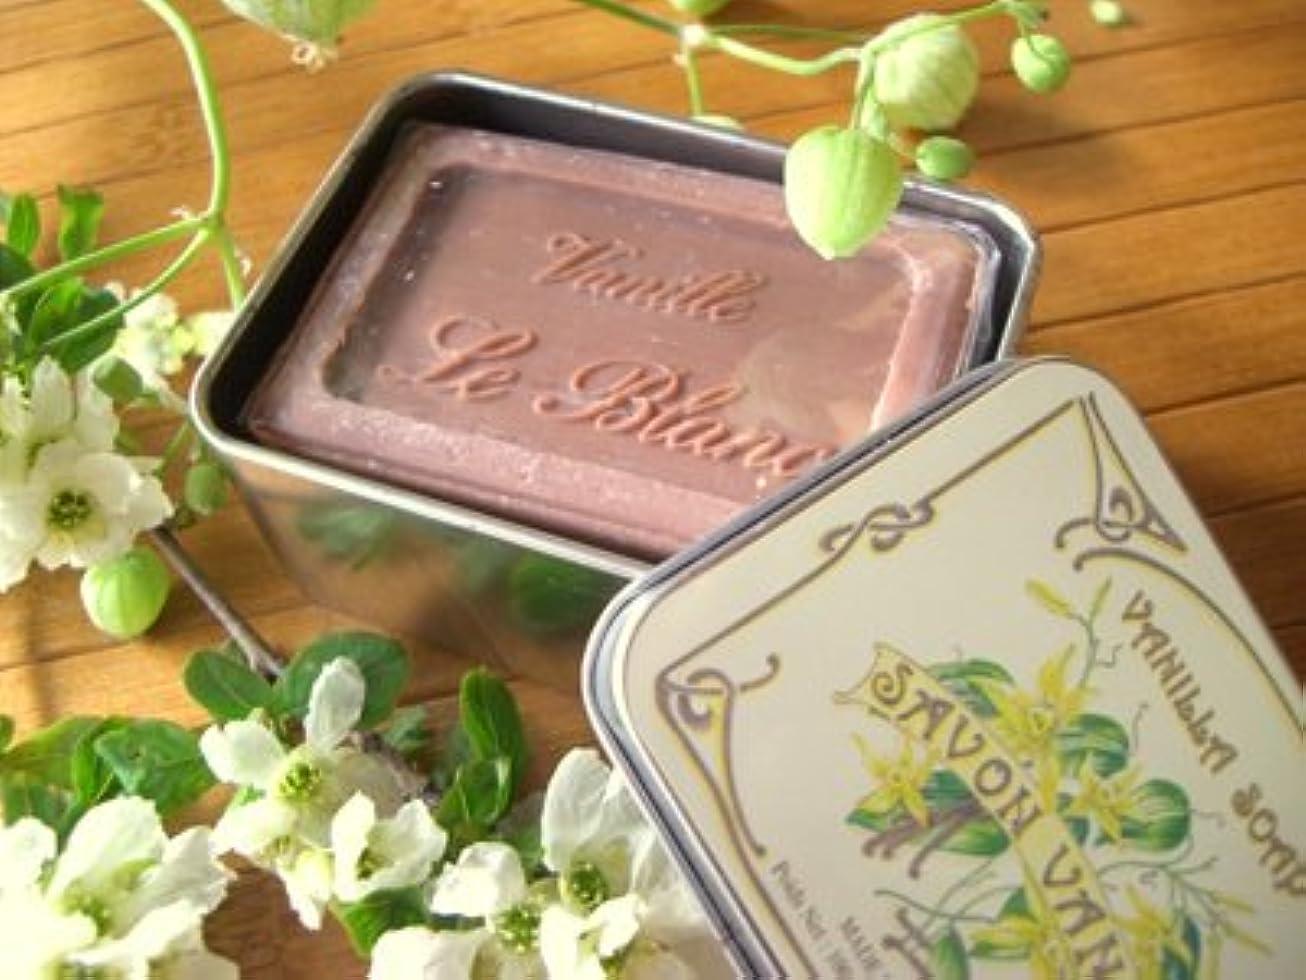 幅不純どうしたのLE BLANC SOAP(ルブランソープ) バニラの香り LB004ルブランソープ メタルボックス(leblanclb004)